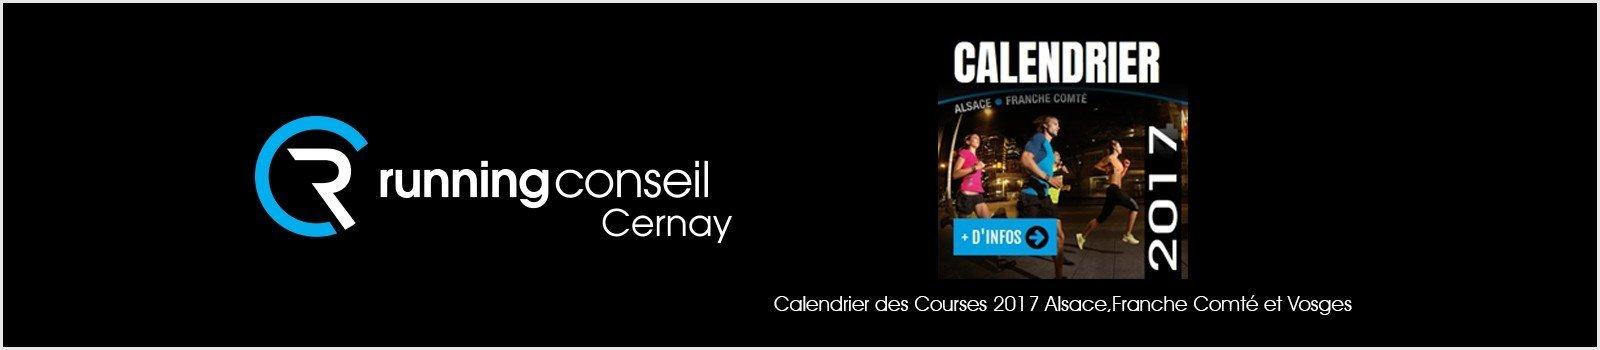 Calendrier des Courses 2017 Alsace,Franche Comté et Vosges